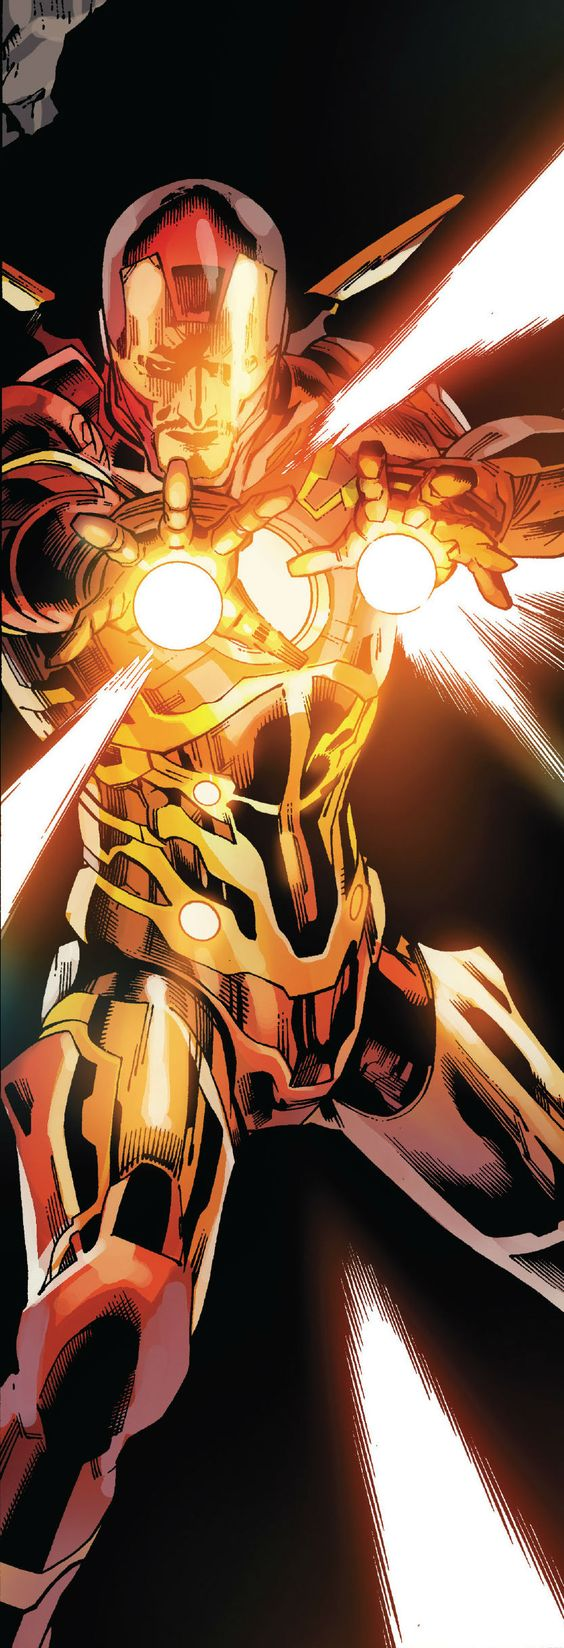 Iron Man by Leinil Francis Yu